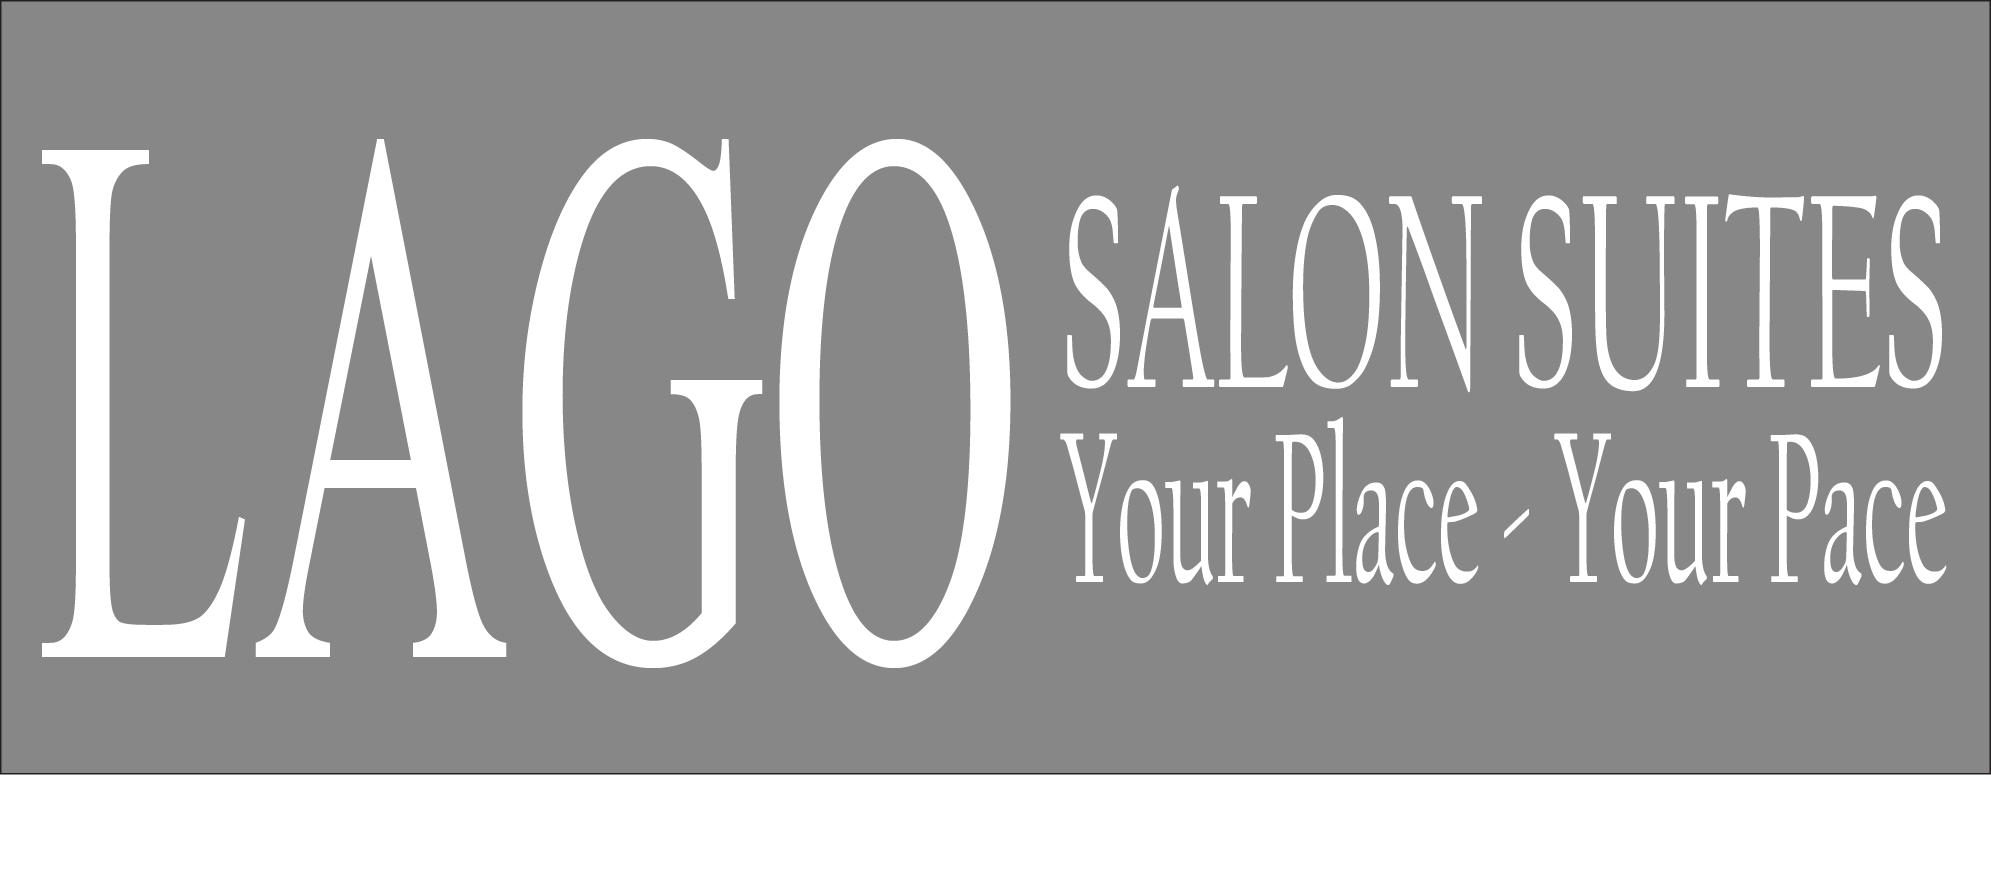 Lago Salon Suites